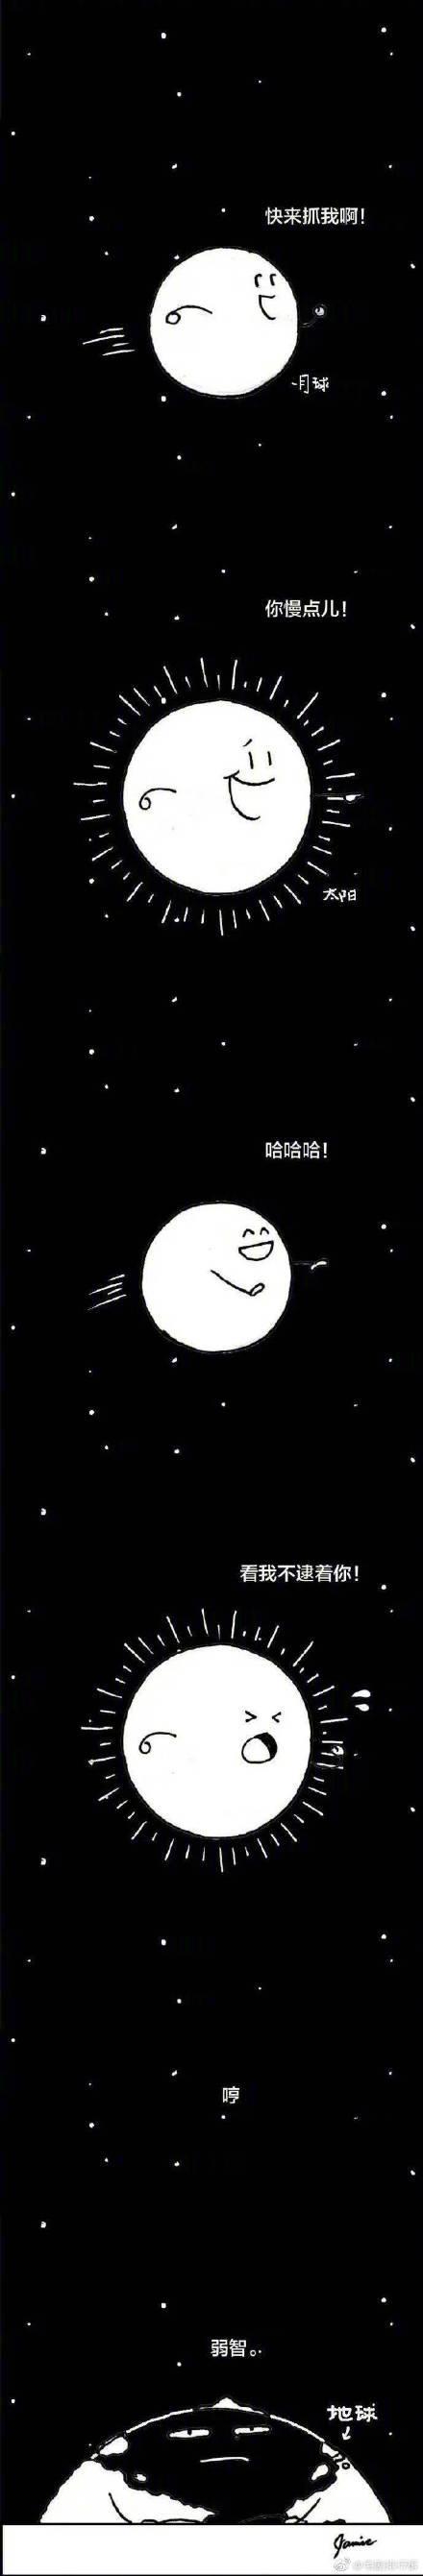 月亮漫画,漫画:被太阳和月亮甜了一脸,心疼地球